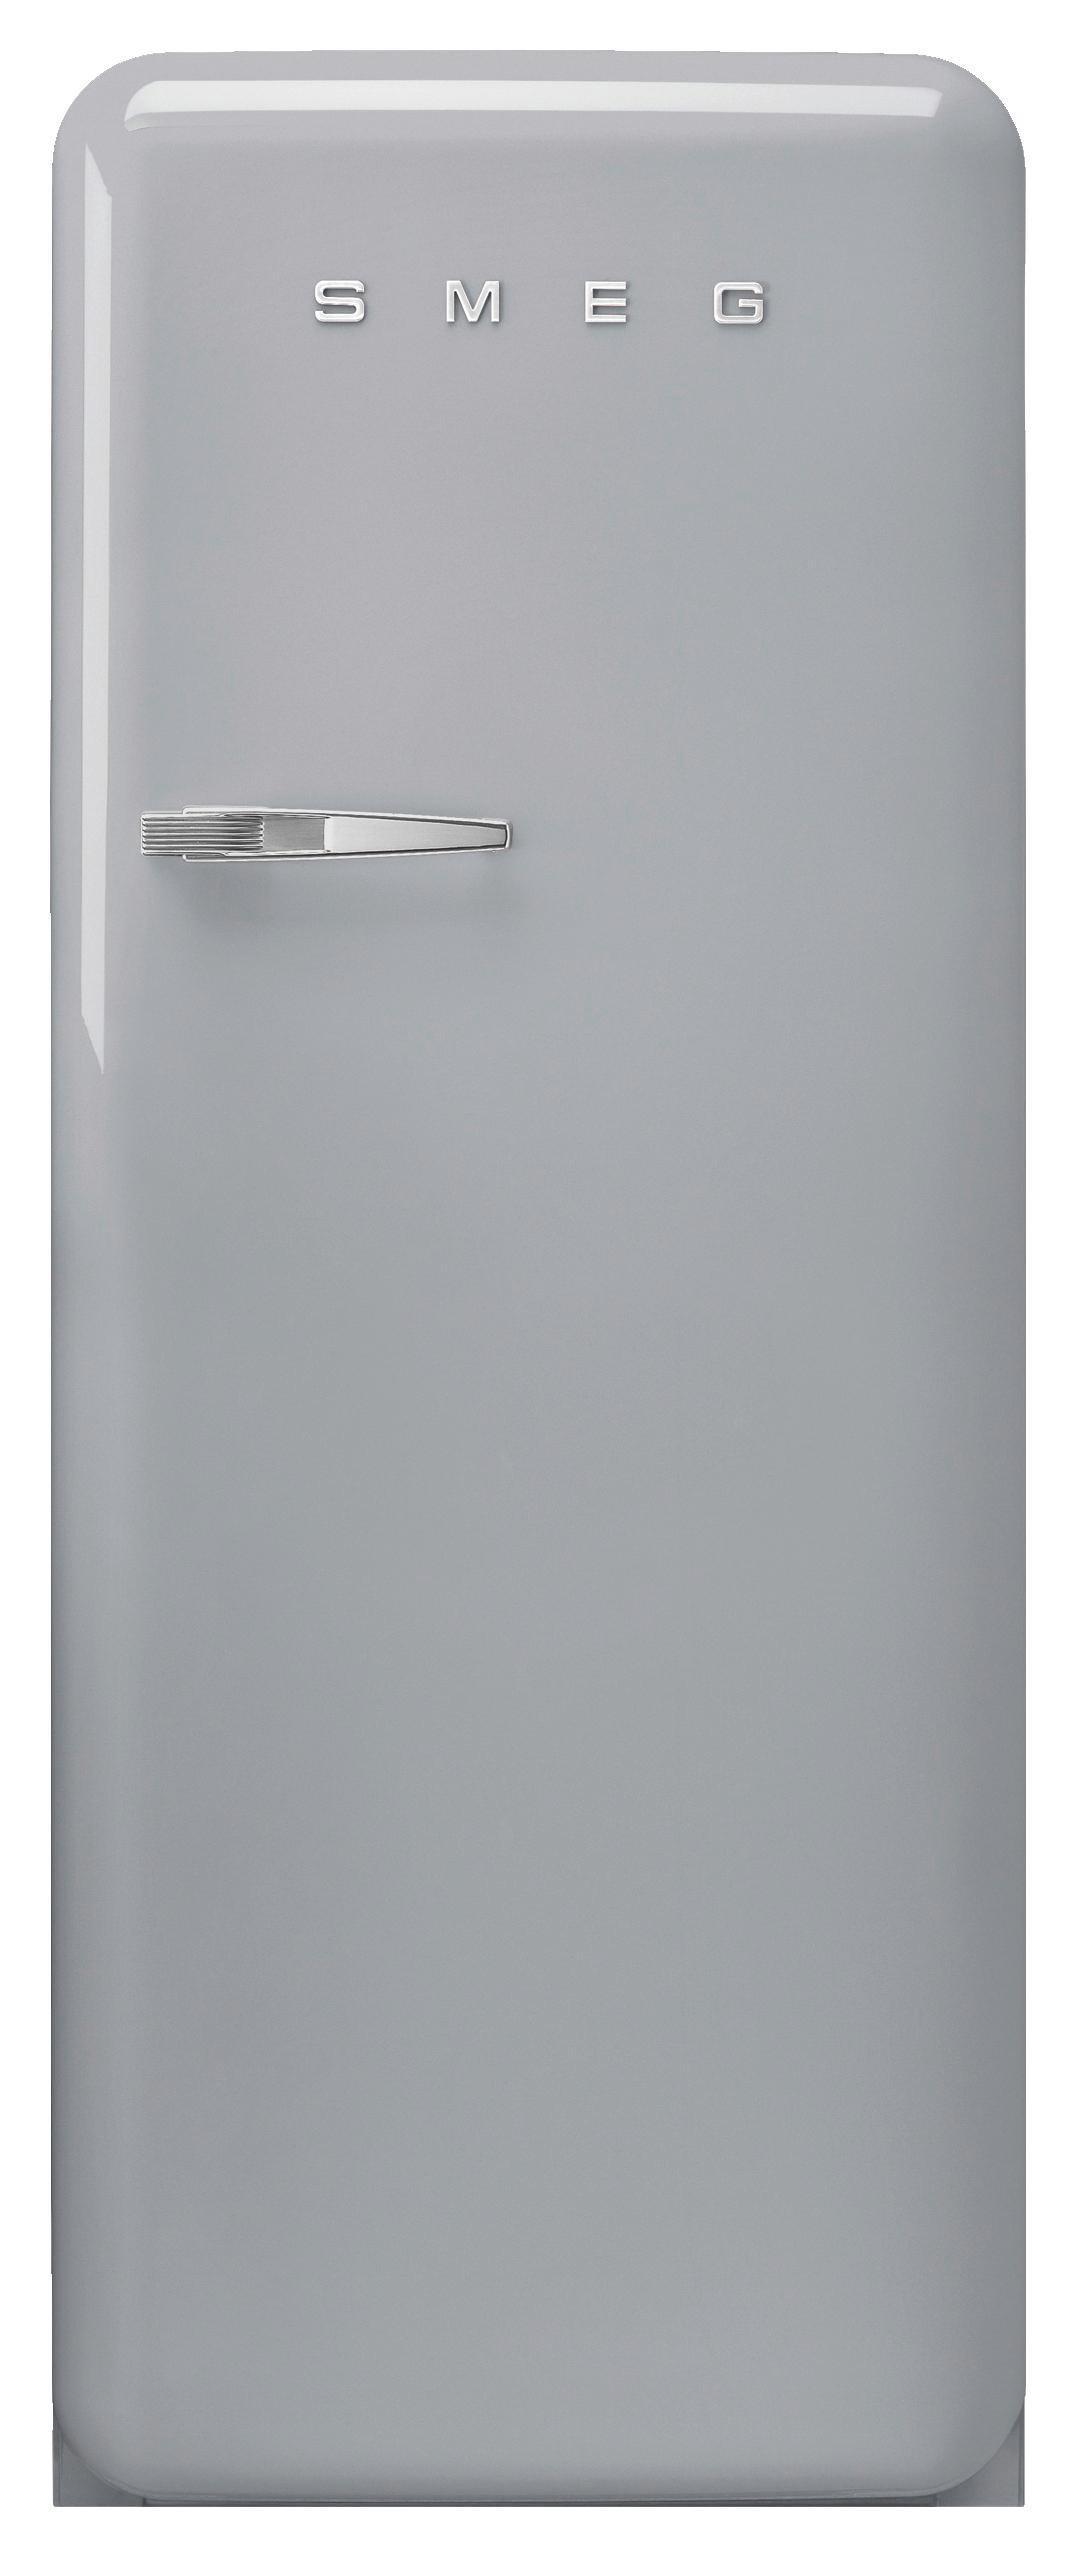 Kühlschrank Smeg Fab28rx1 online kaufen ➤ mömax